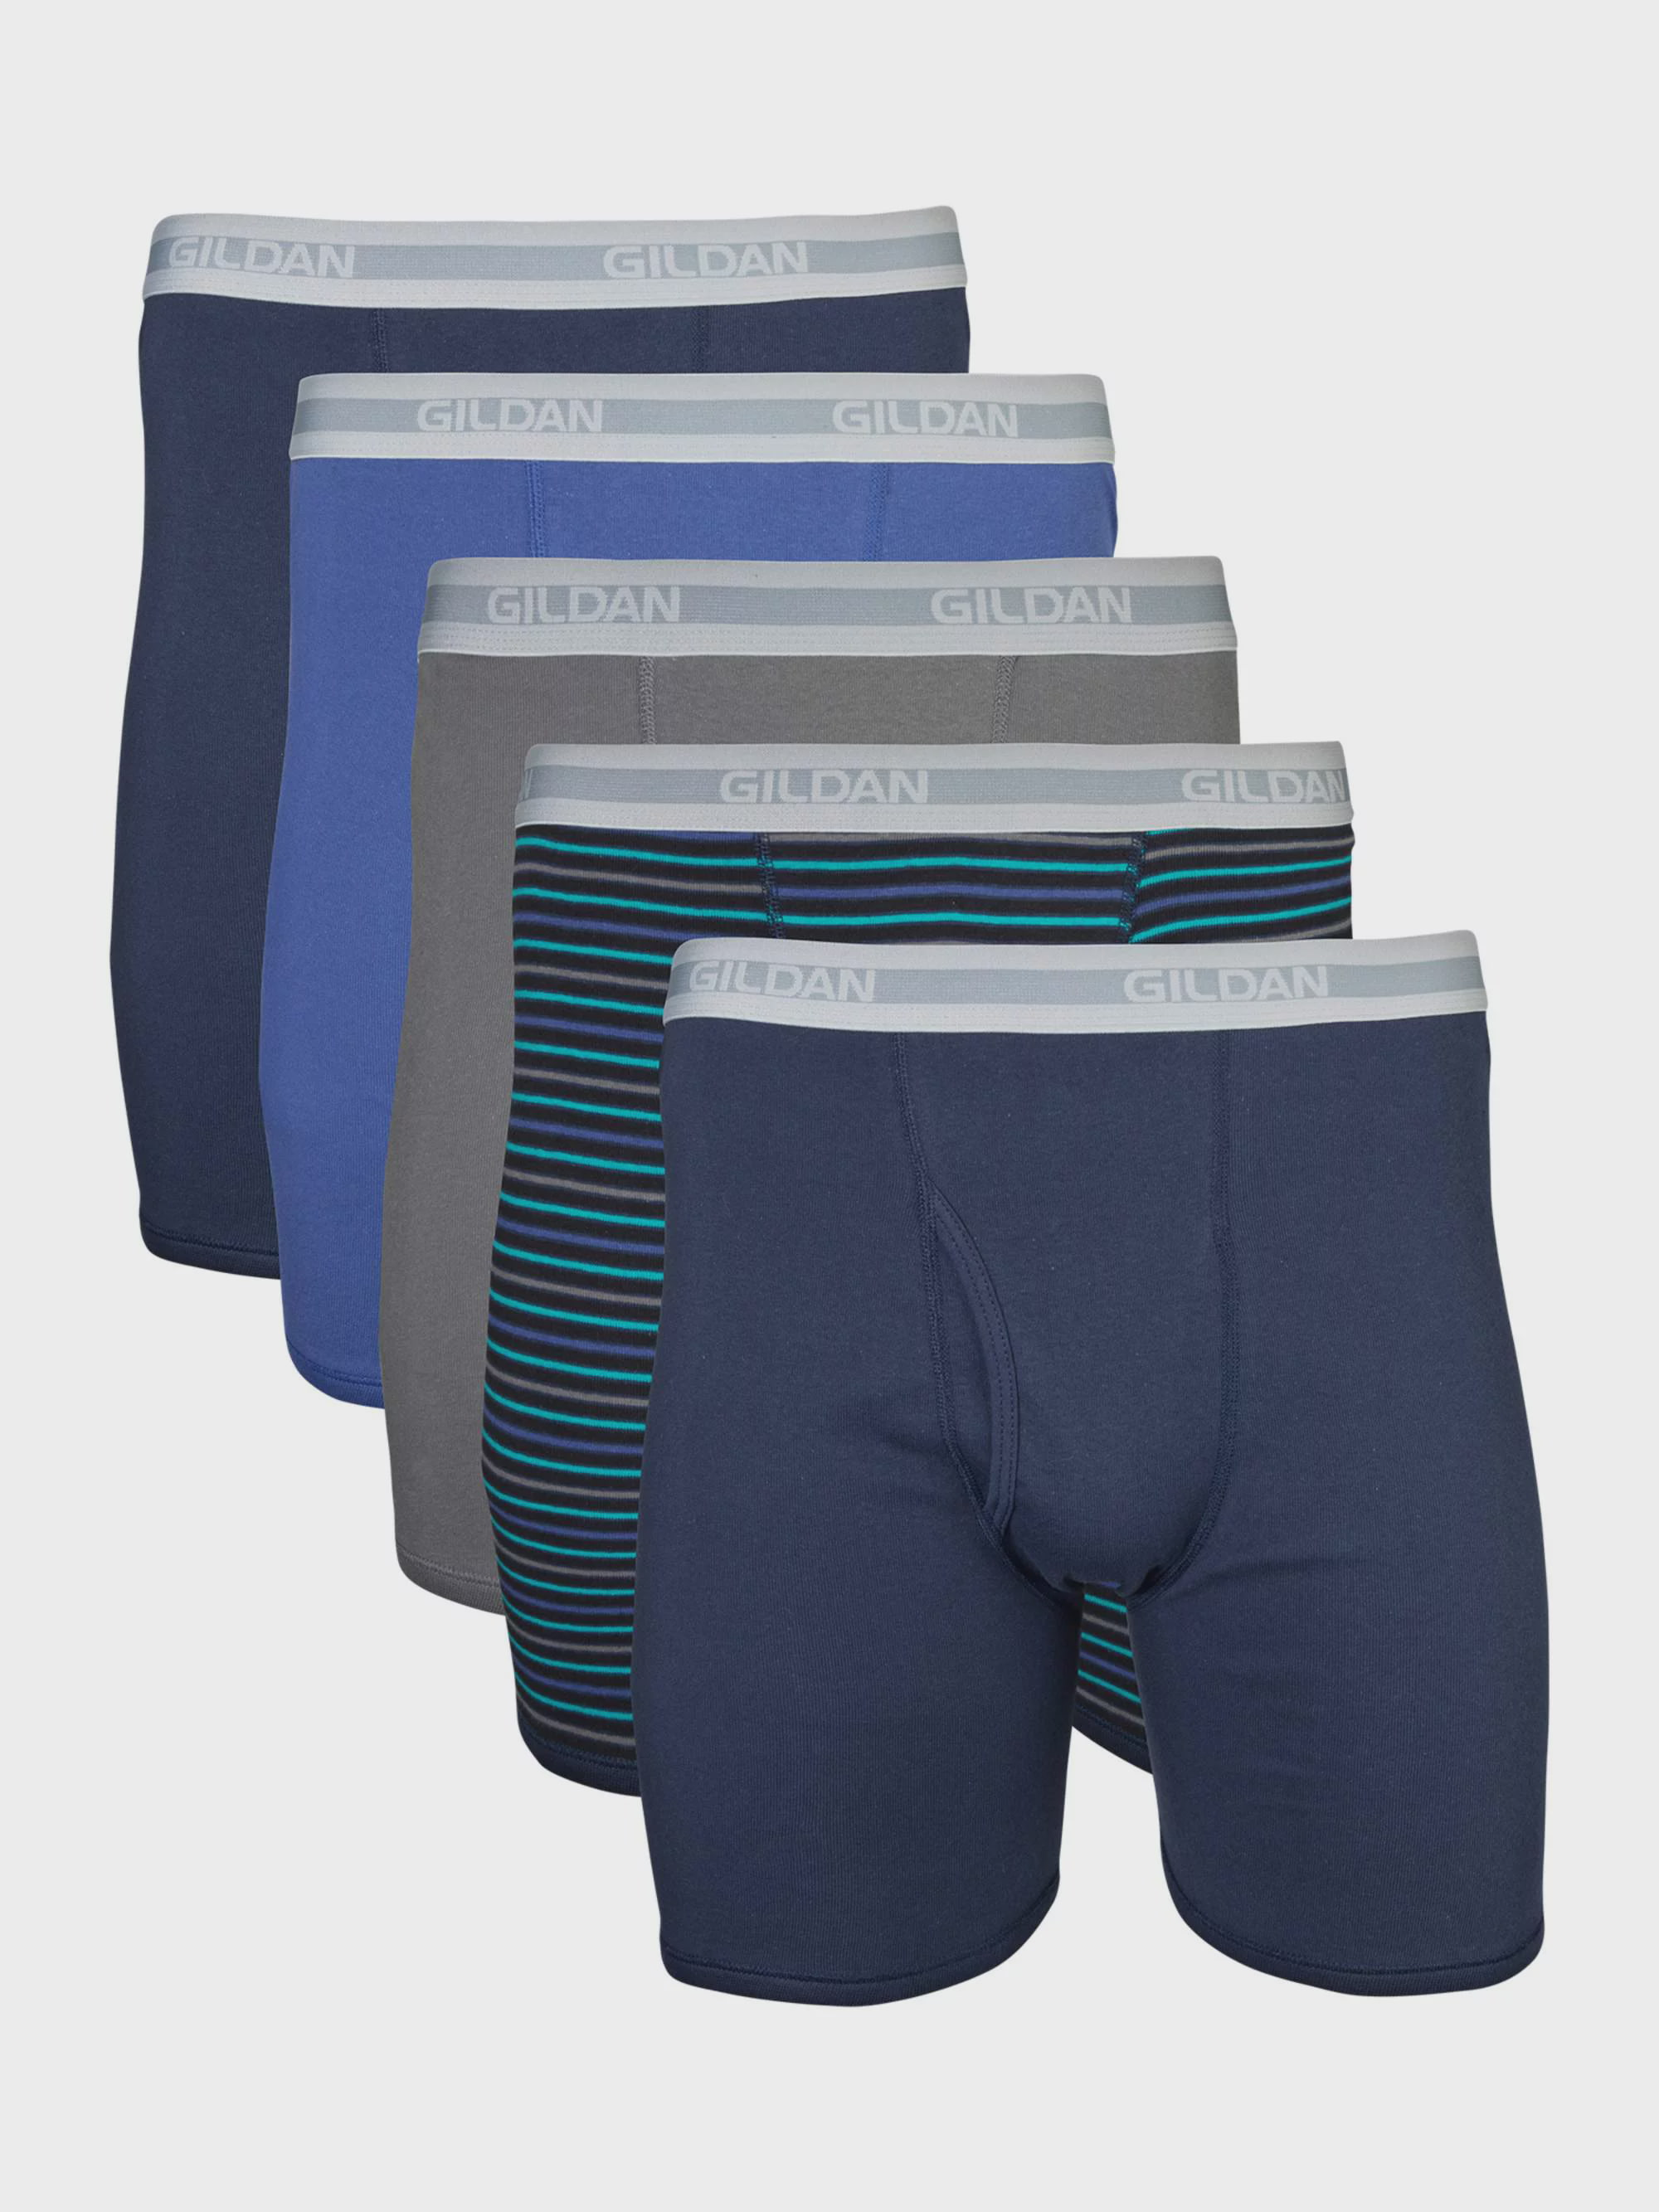 Ocean Secret Mens Underwear Boxer Briefs Cotton Mens Underwear Pack Fly Pouch Pack of 5 M